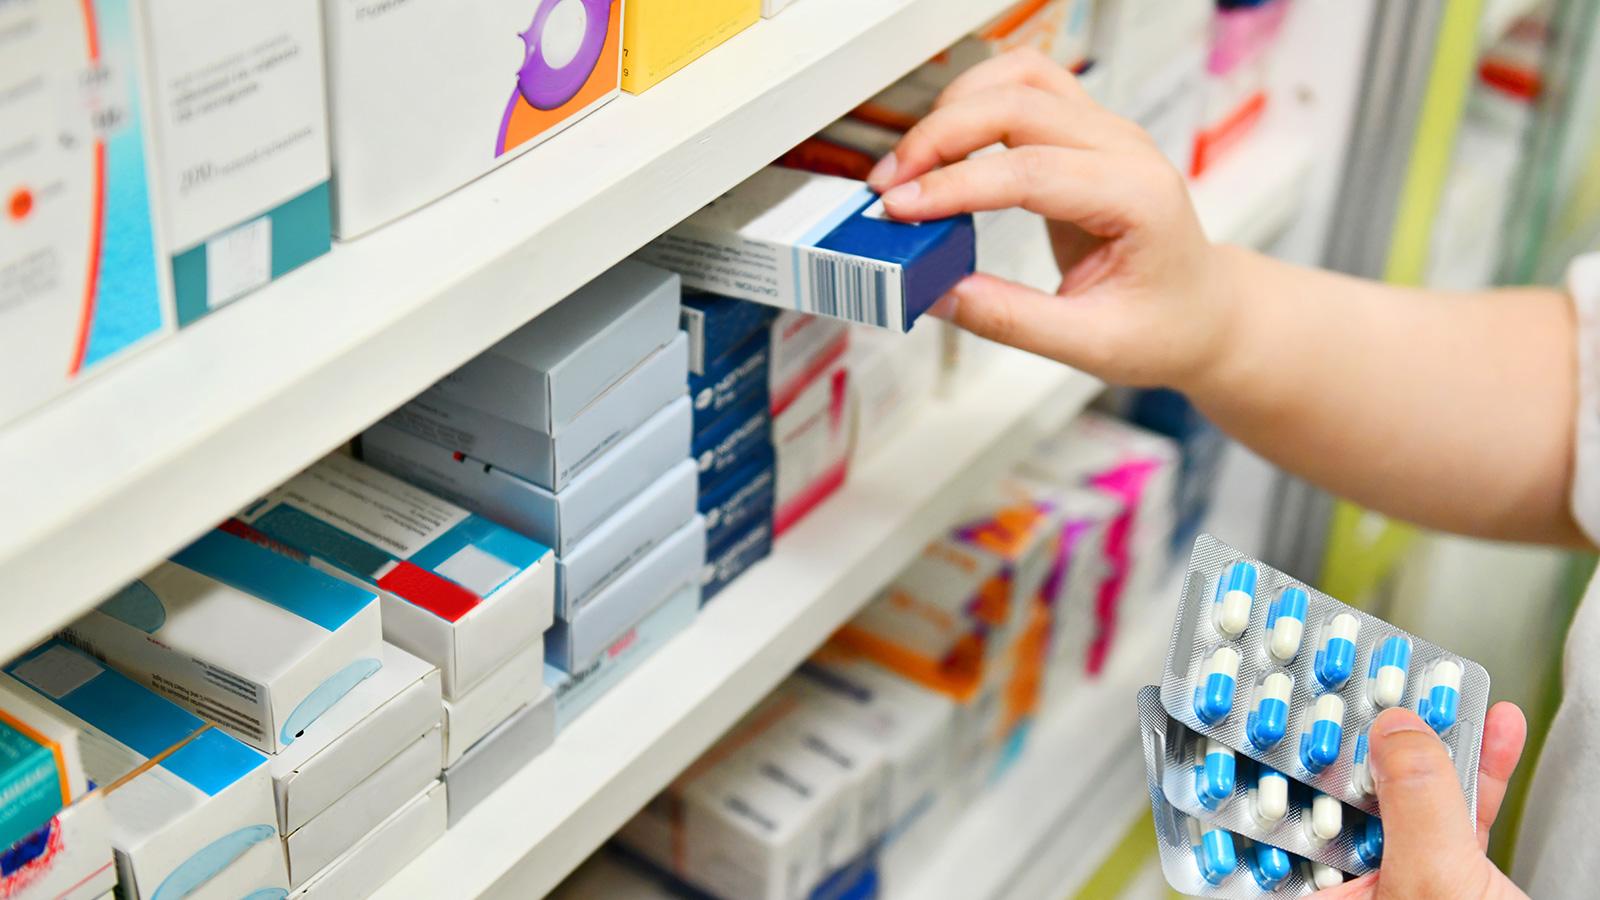 El riesgo de comprar medicamentos por internet, a prueba